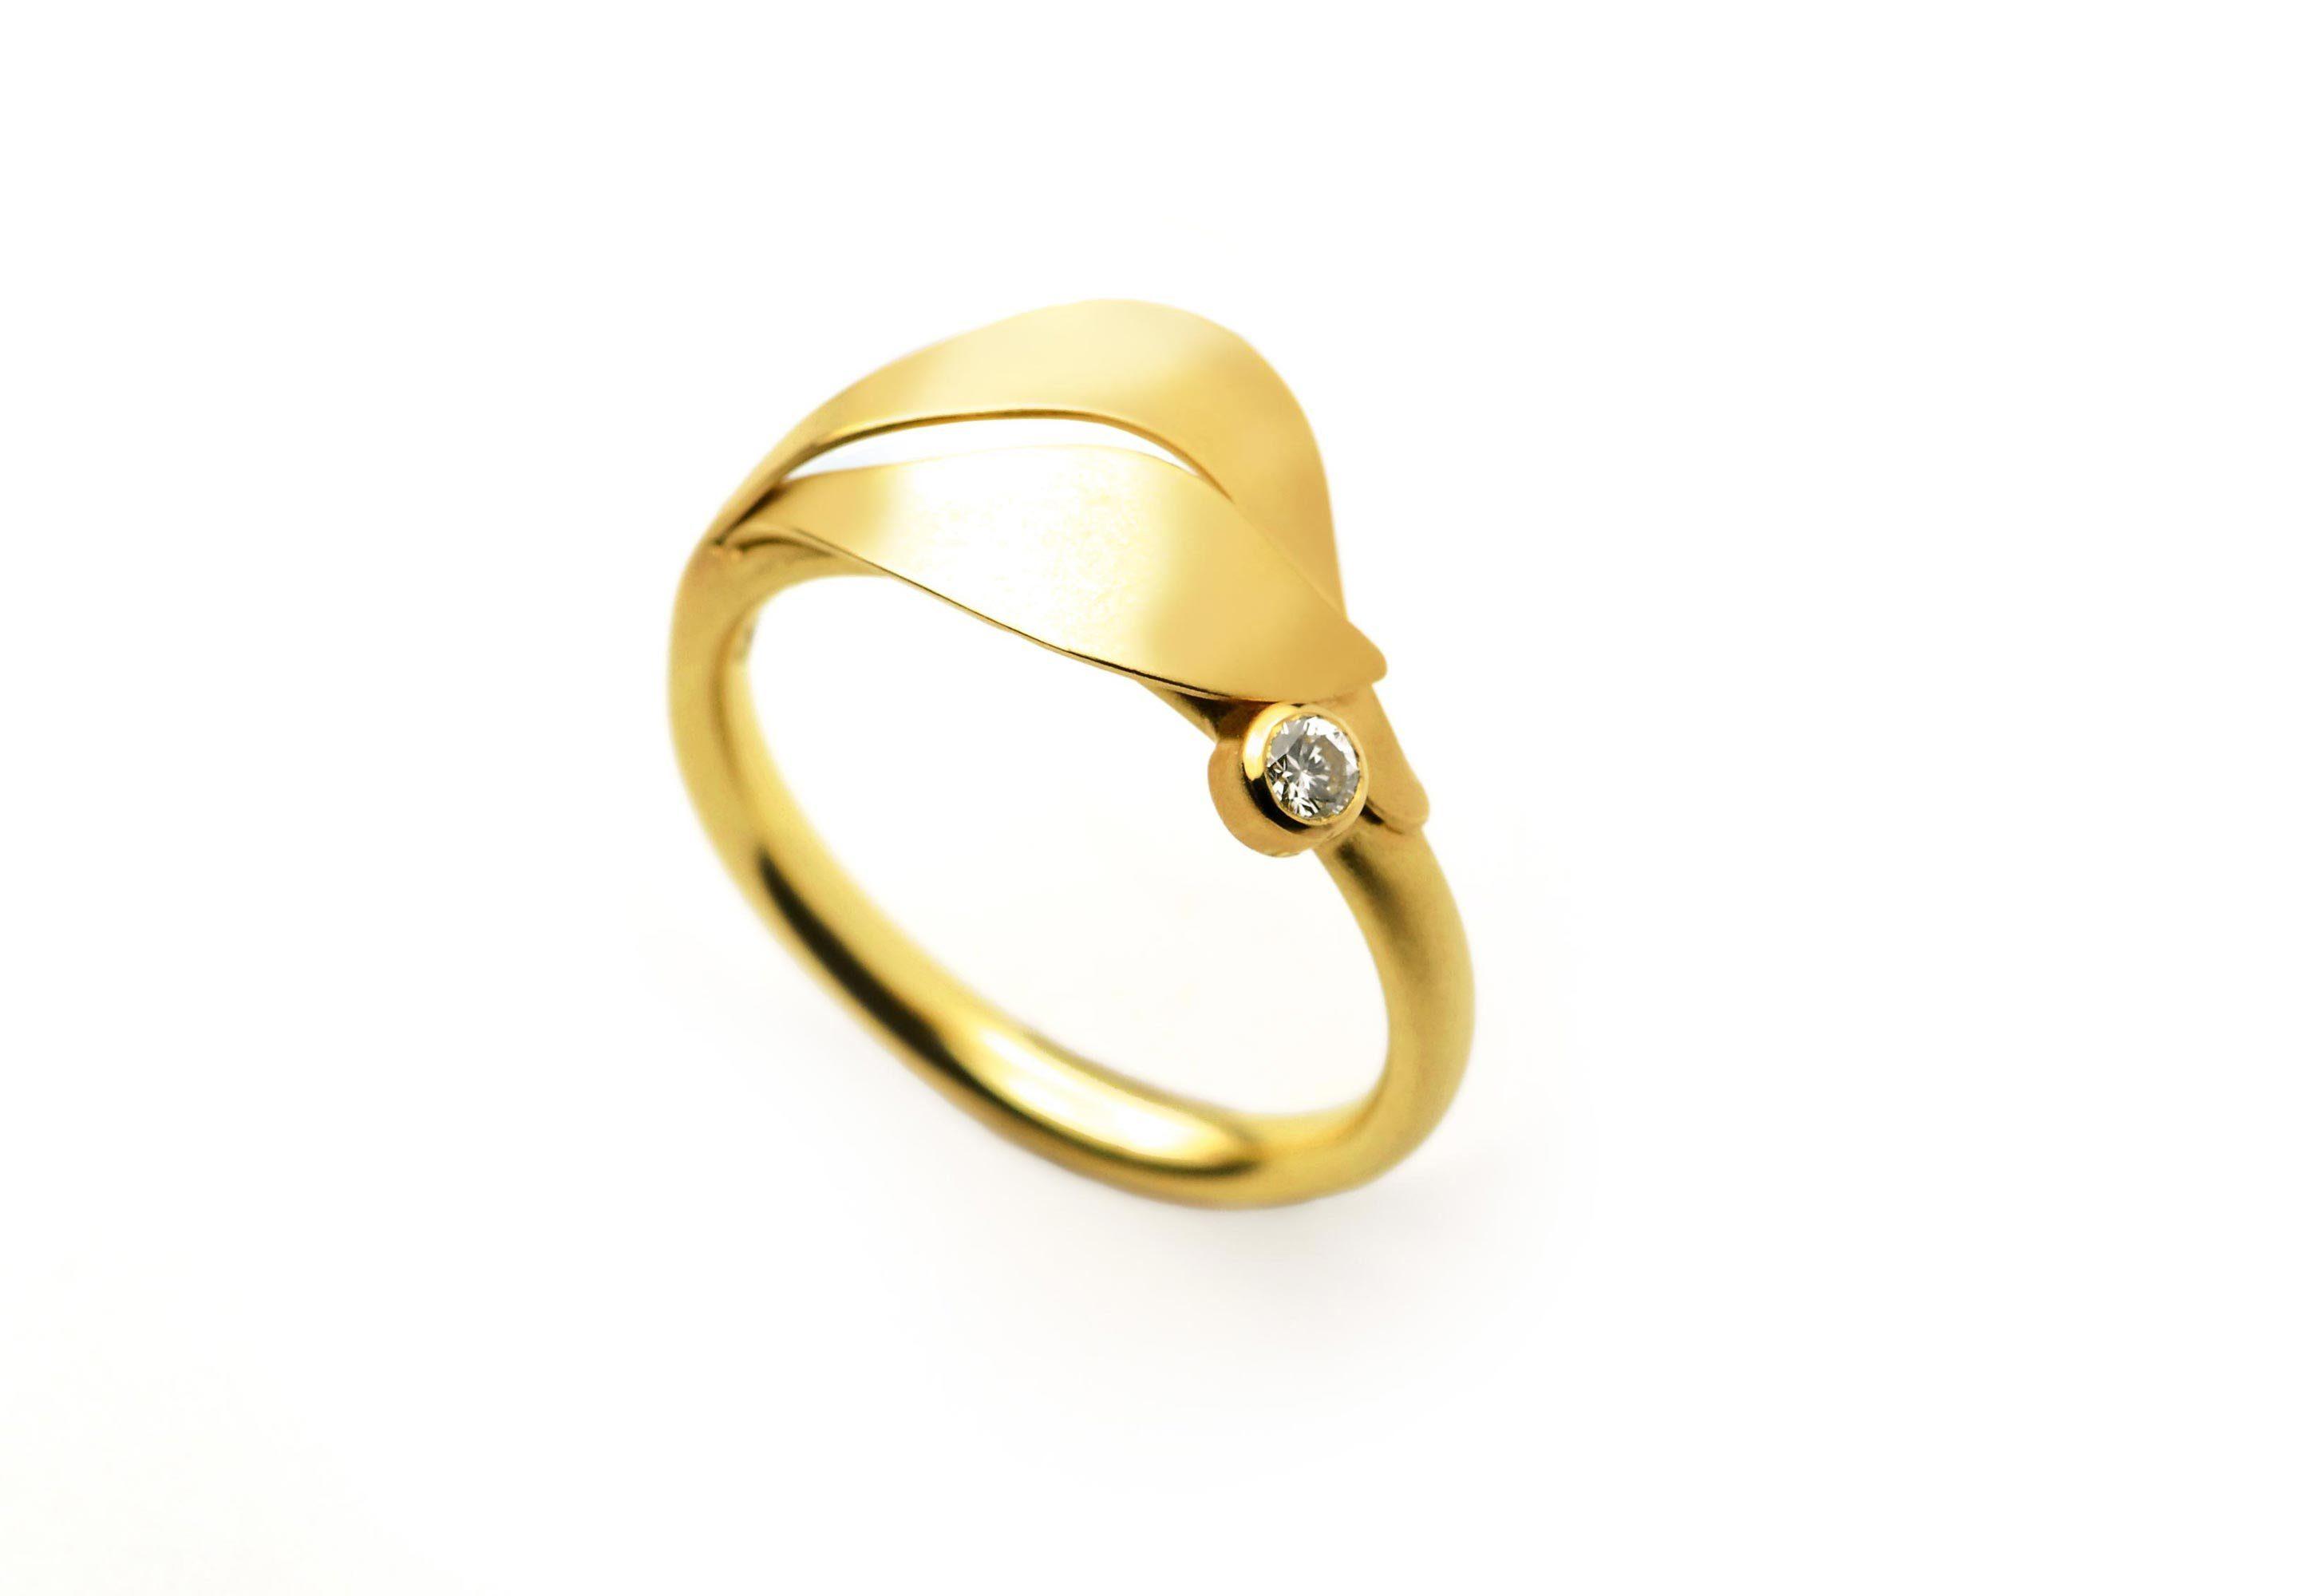 EHINGER SCHWARZ 1876 Ring in edlem Design